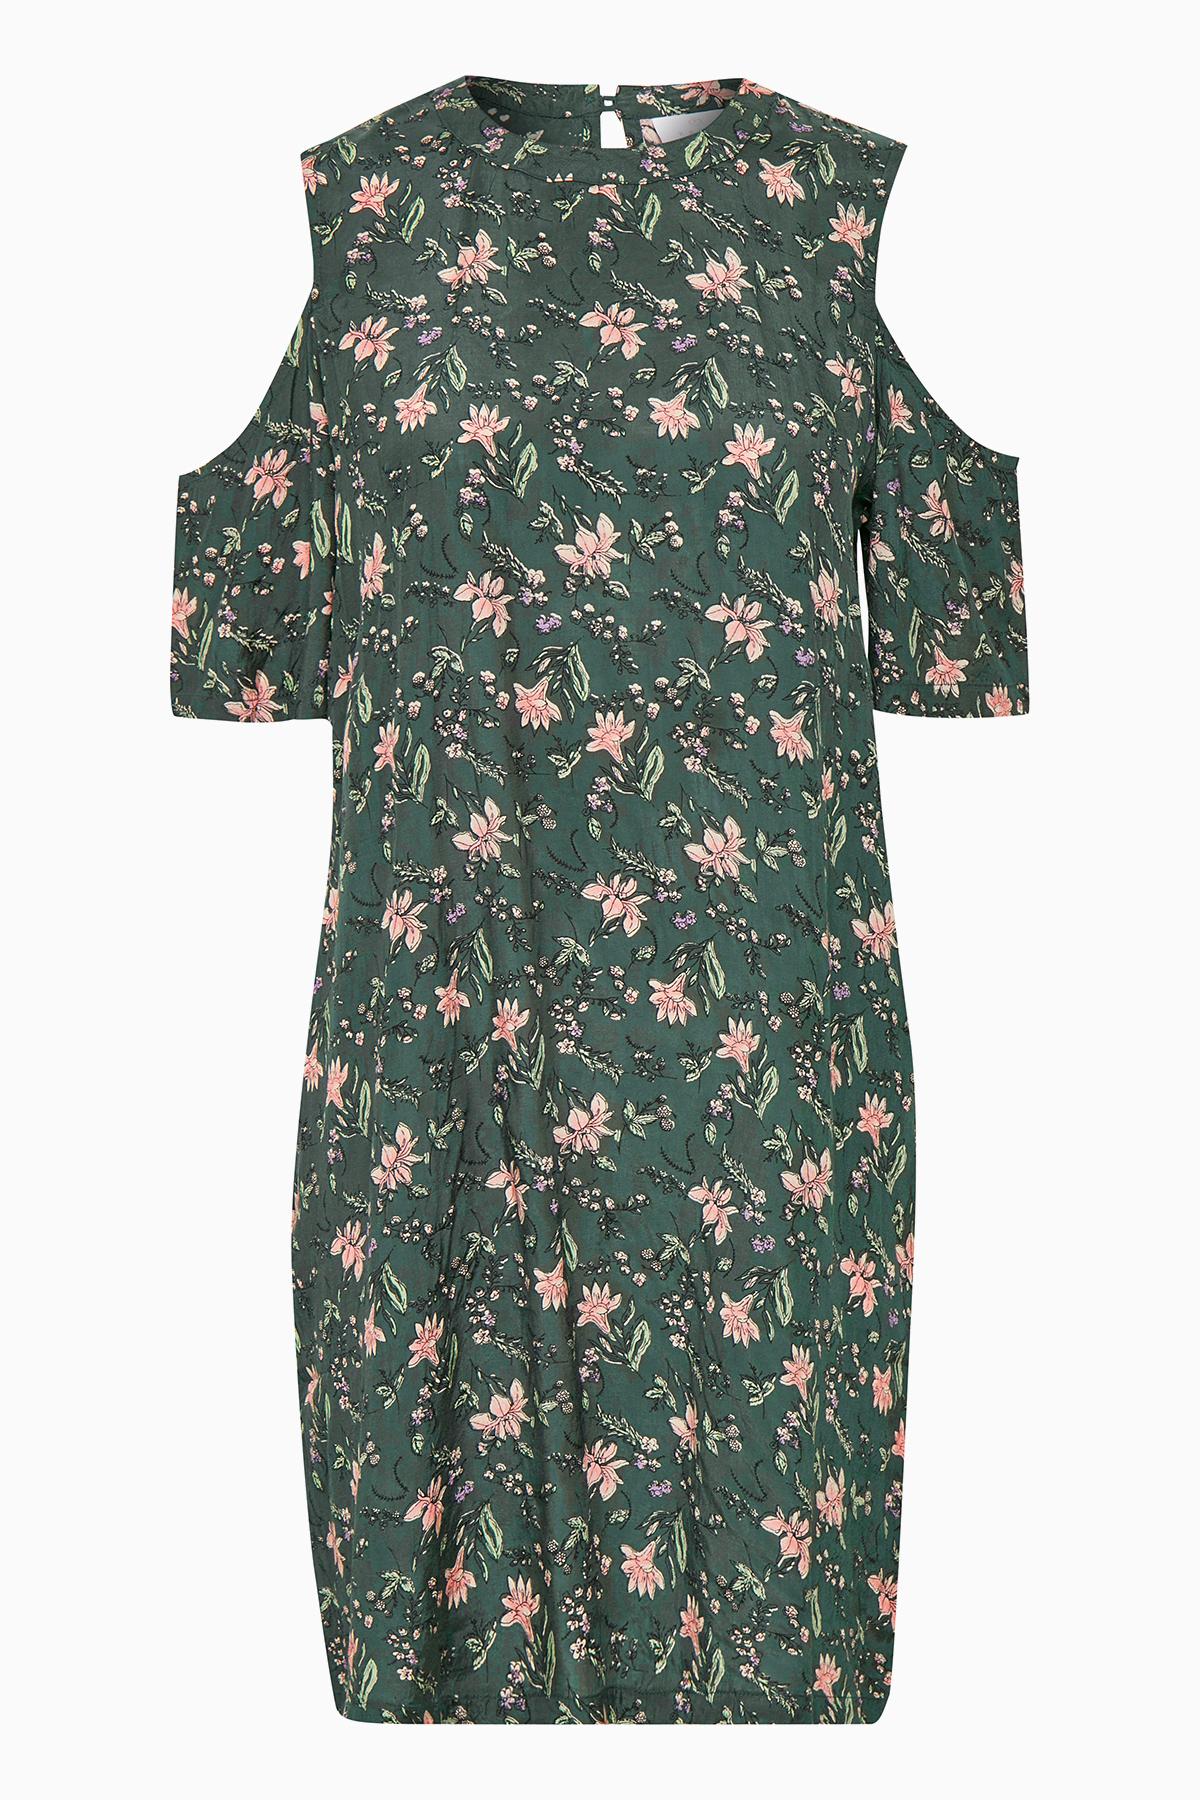 Flaschengrün Kleid von Kaffe – Shoppen SieFlaschengrün Kleid ab Gr. 34-46 hier